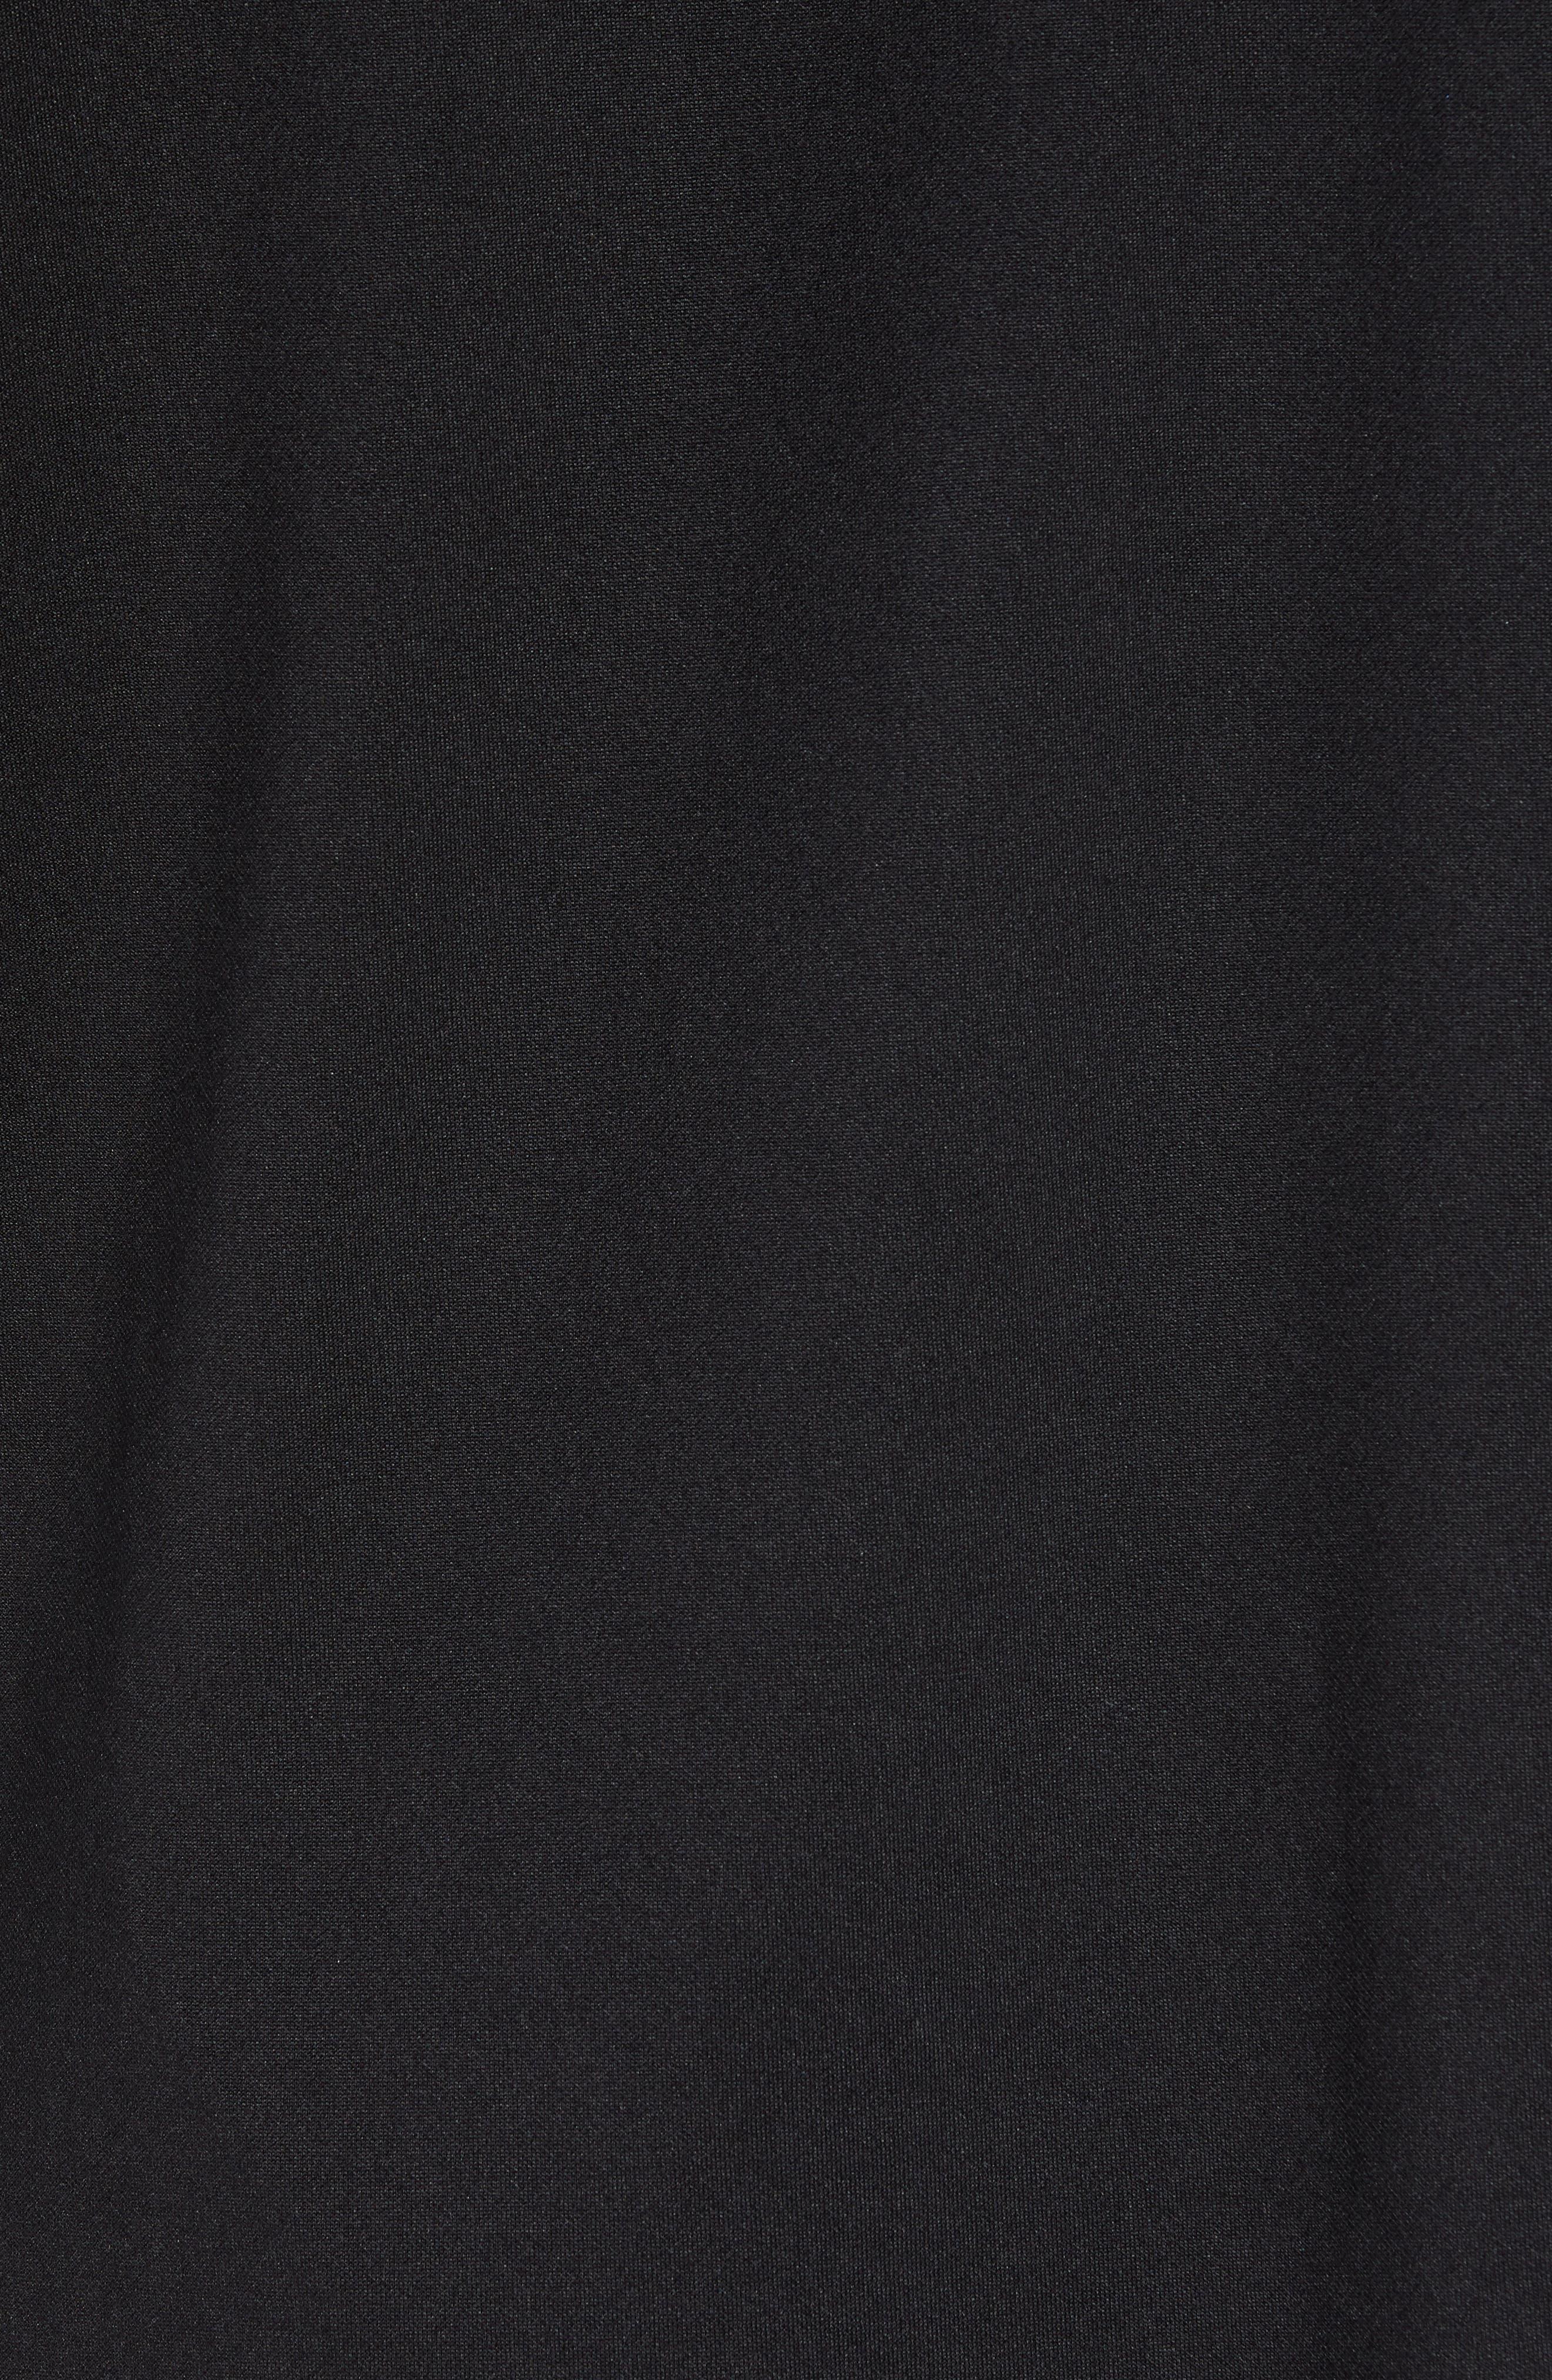 Foil Detail Hoodie,                             Alternate thumbnail 5, color,                             TRUEST BLACK/ BLUE FOIL